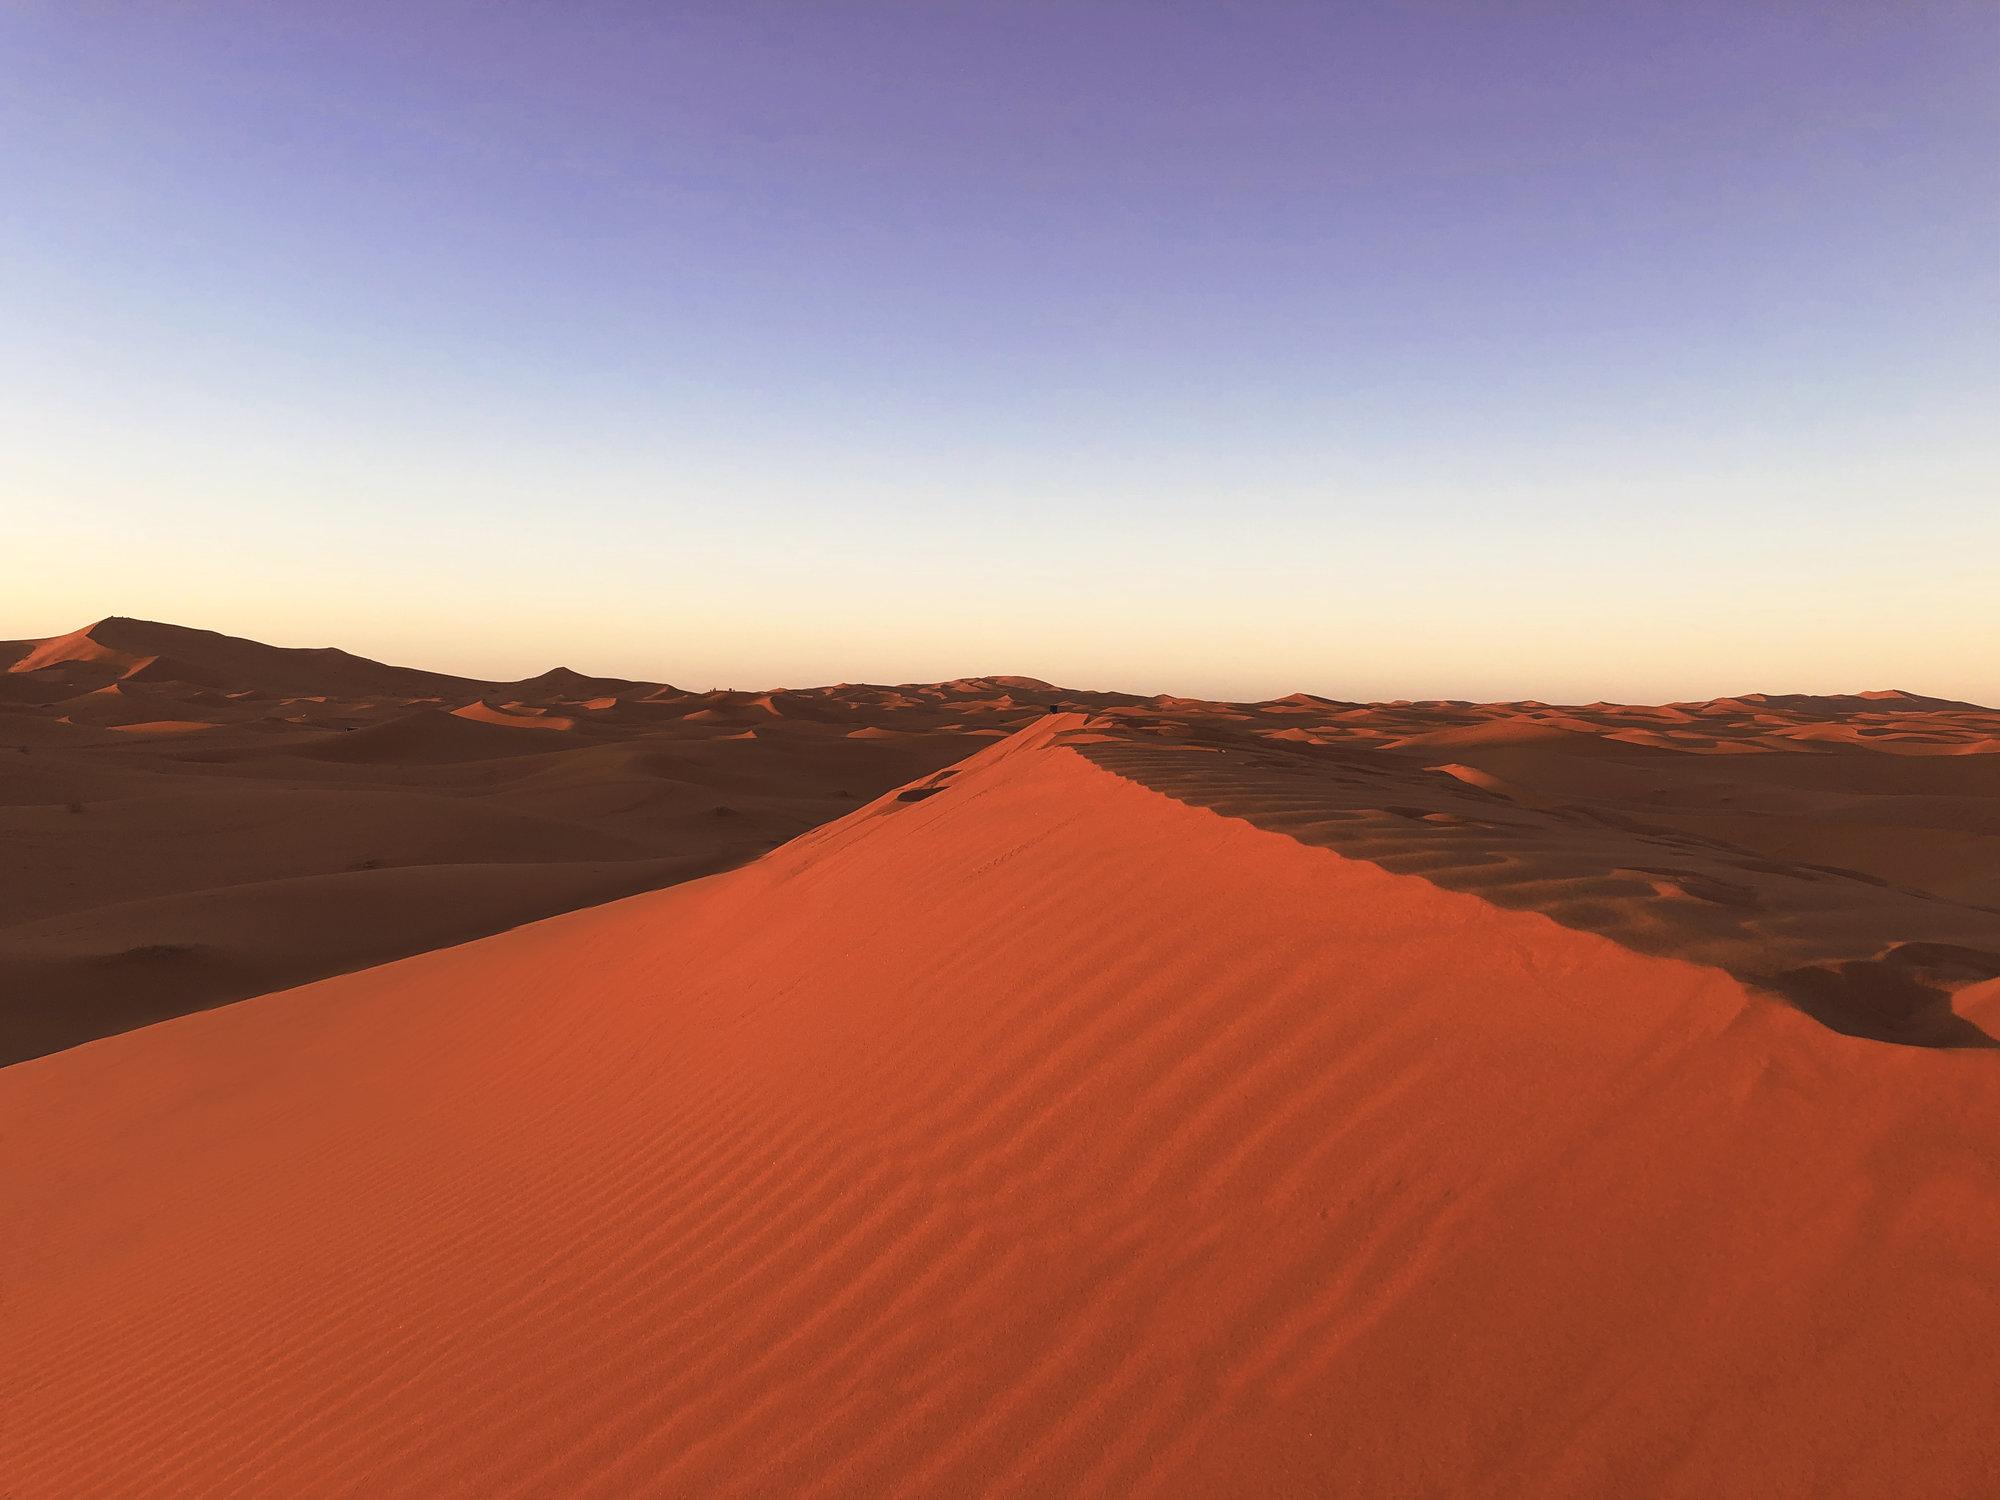 duny zaliate zapadajúcim slnkom